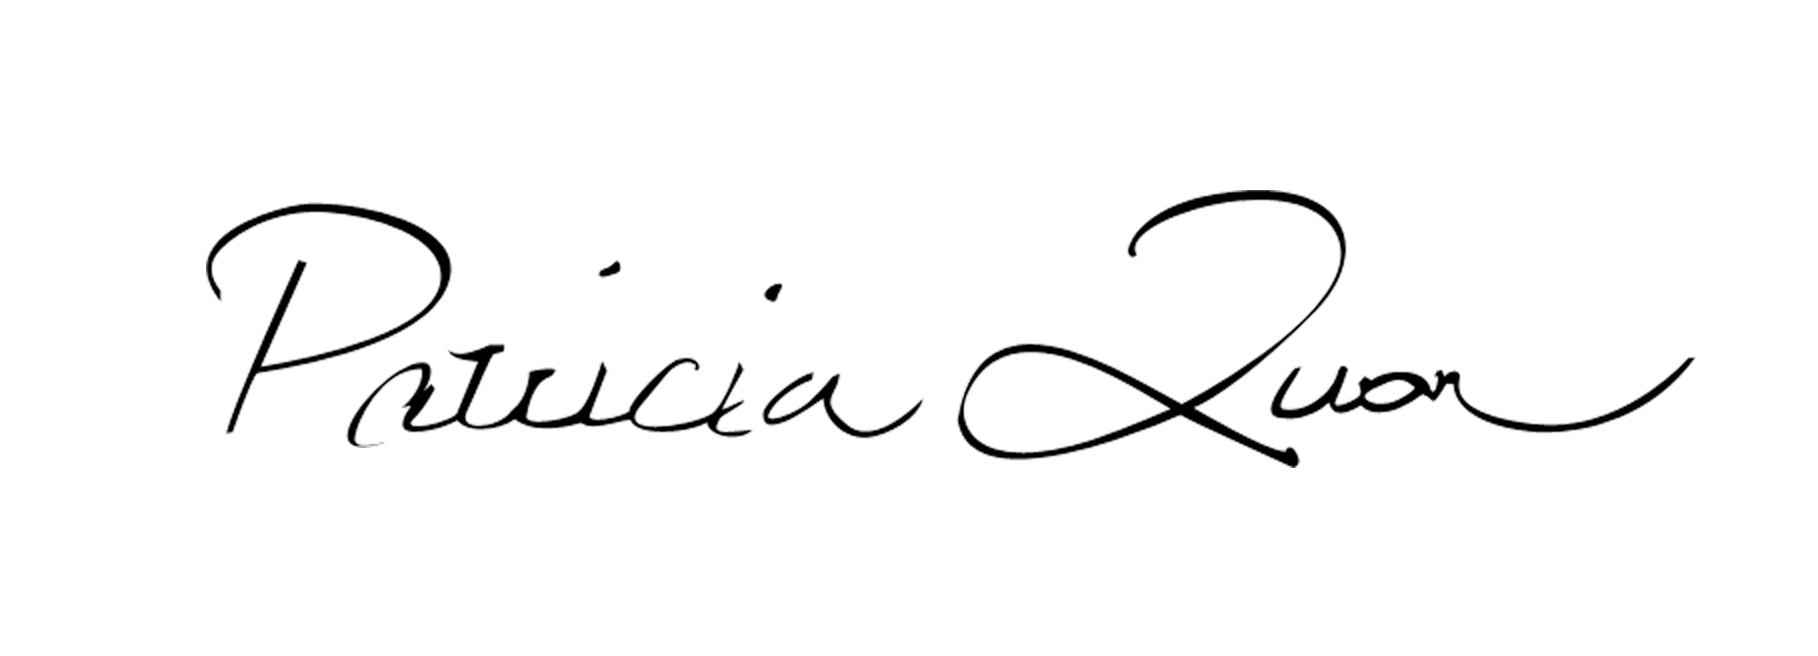 Patricia Quon's Signature